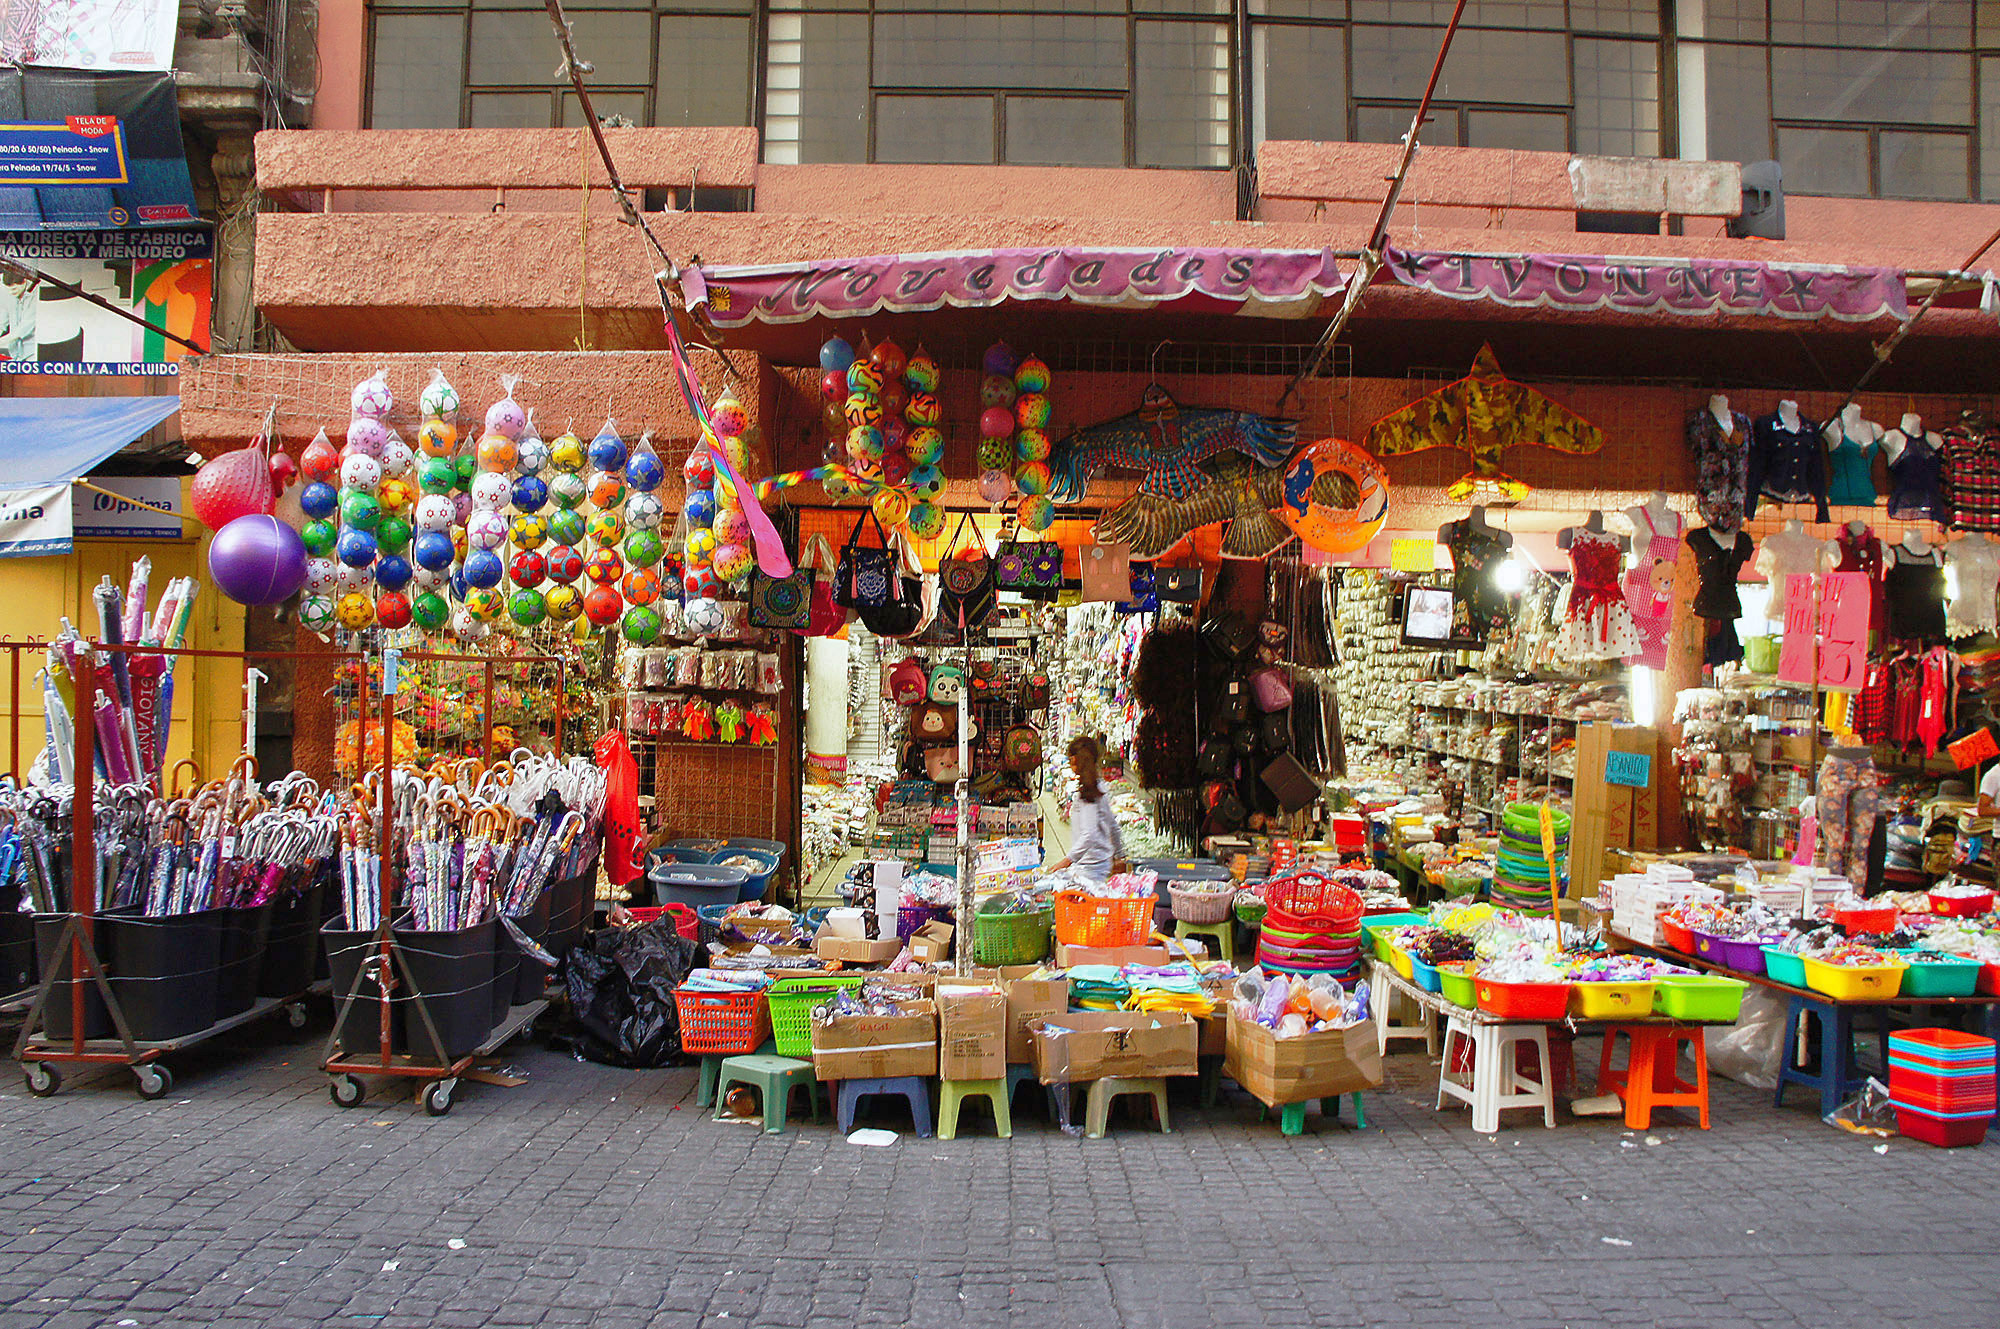 Стихийная уличная торговля напоминает перестроечную Россию